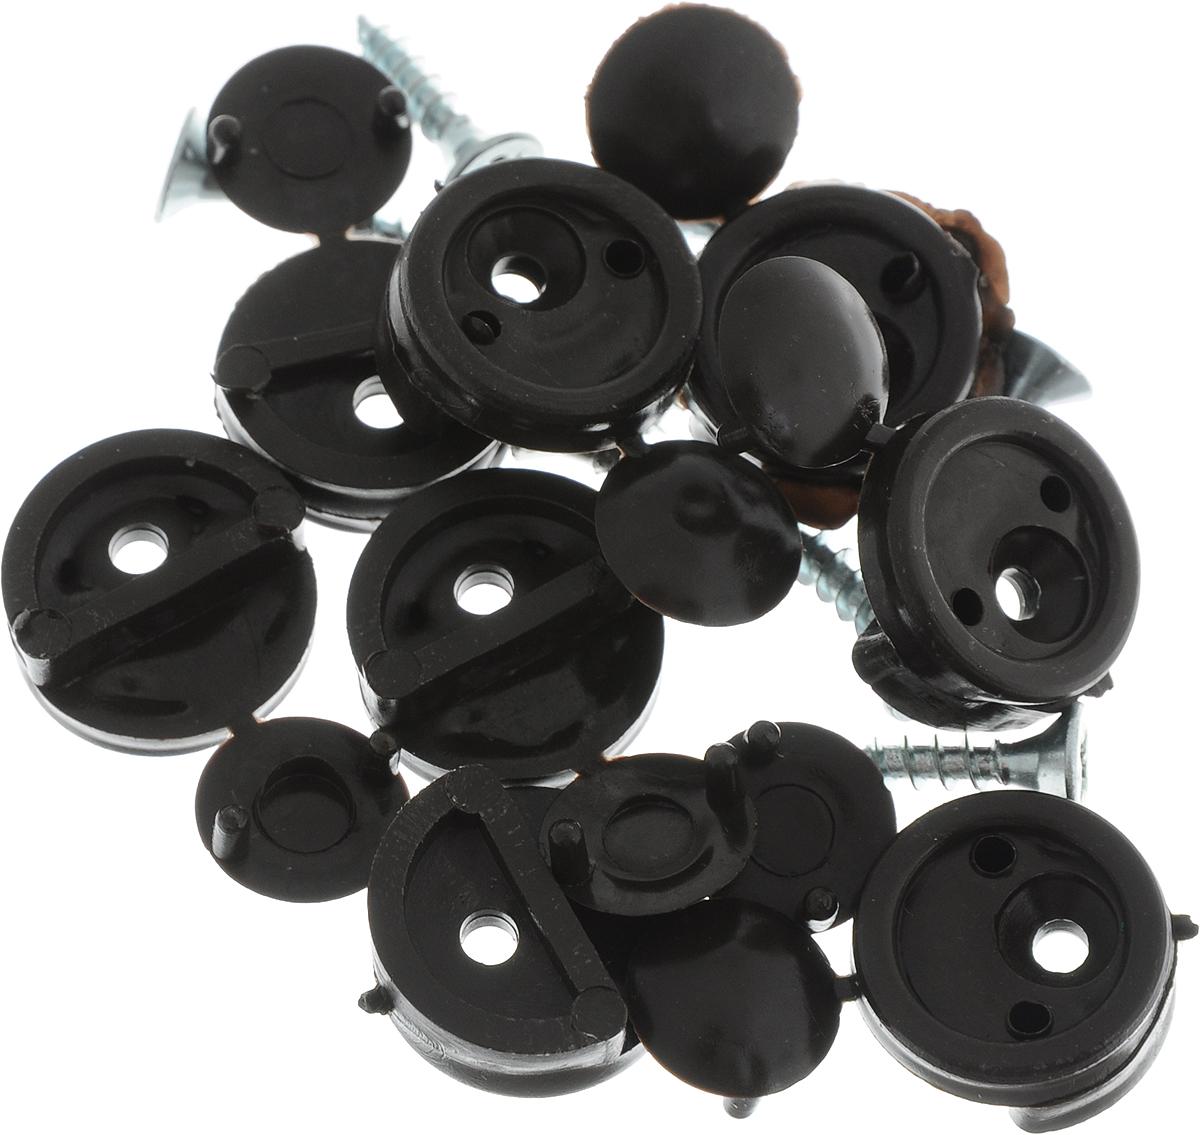 Зеркалодержатель Tech-Krep, с шурупами, цвет: темно-коричневый, 16 предметов